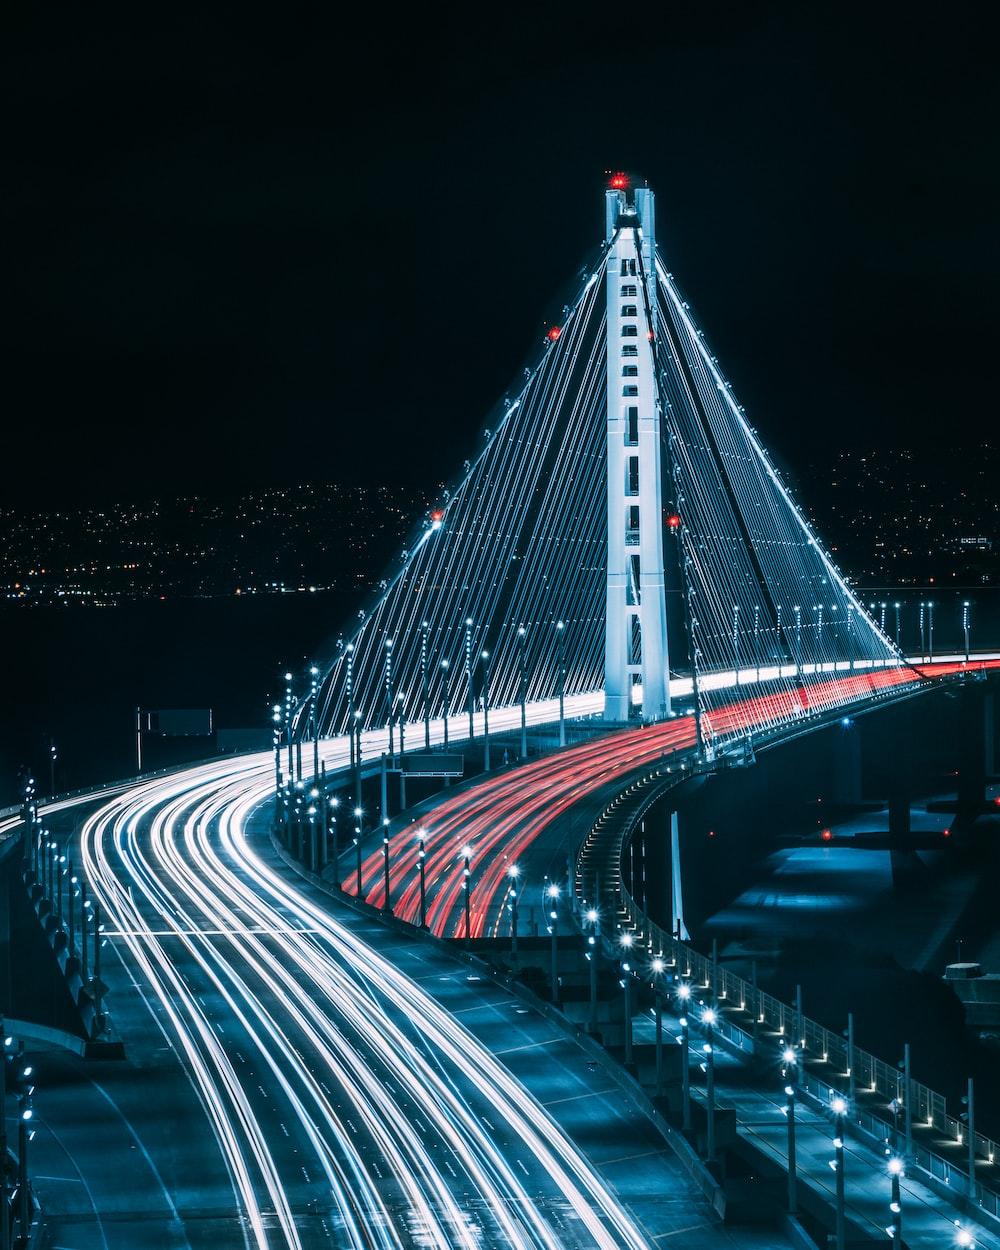 San Francisco bridge during night time